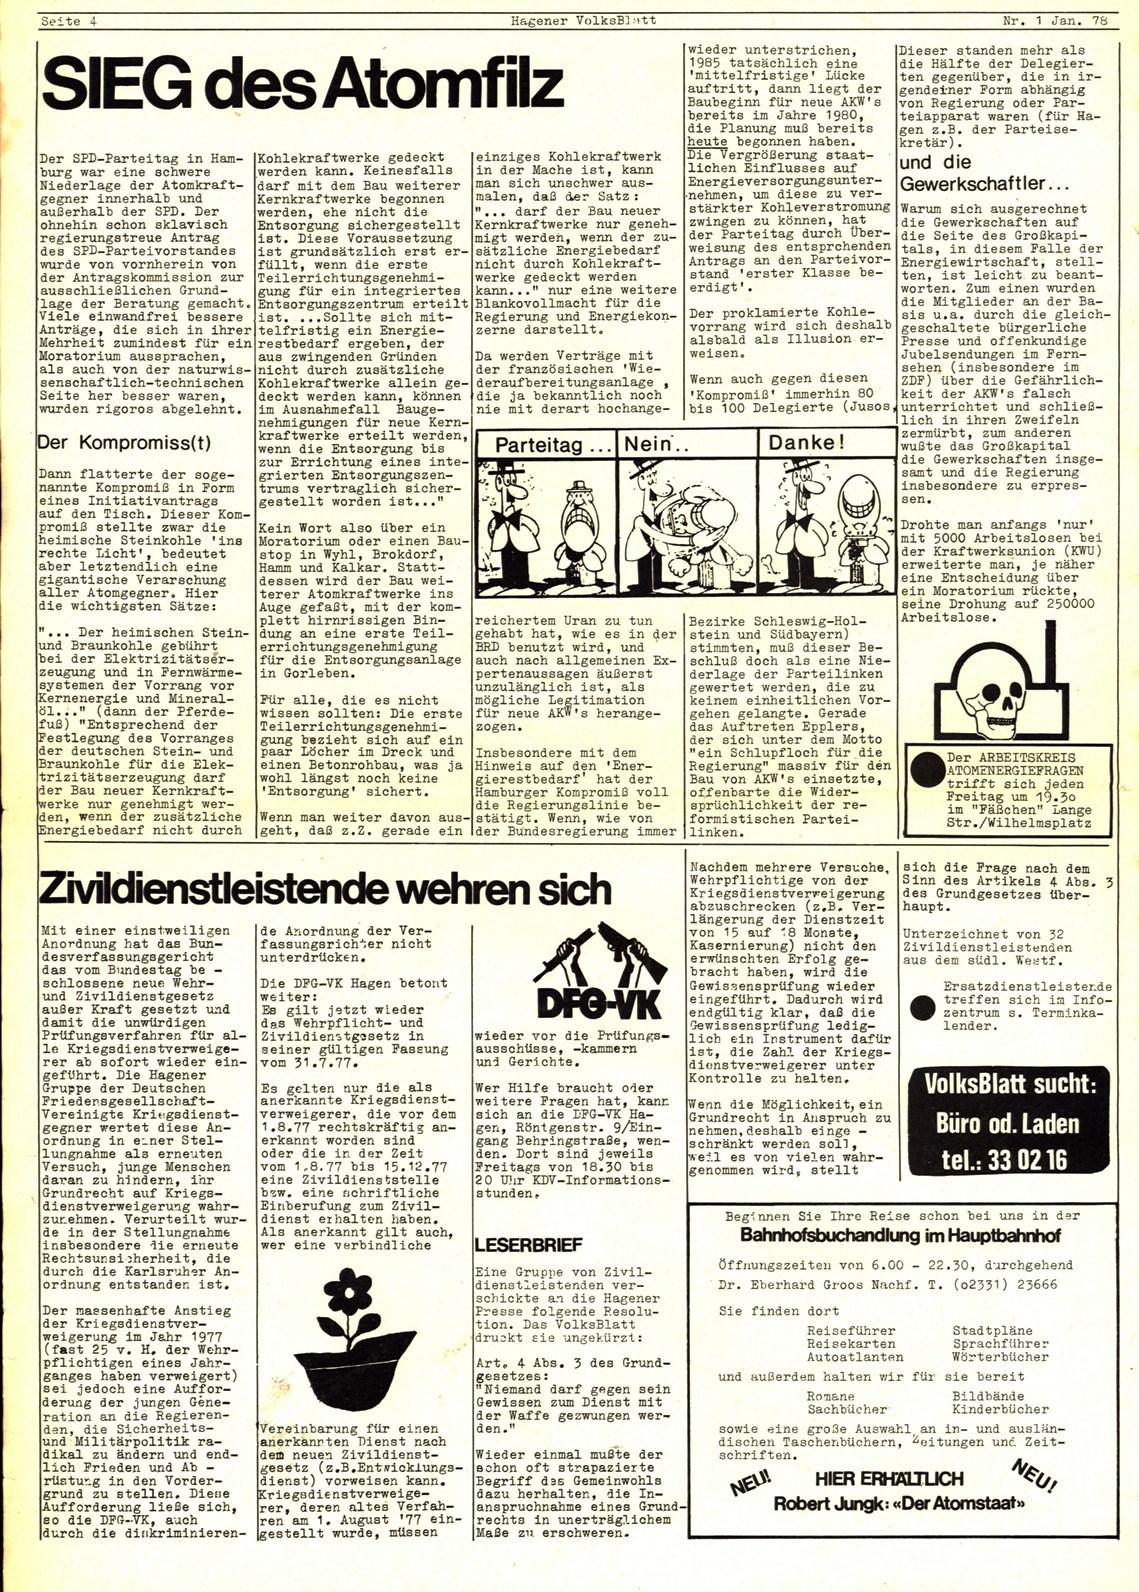 Hagen_Volksblatt_19780100_04